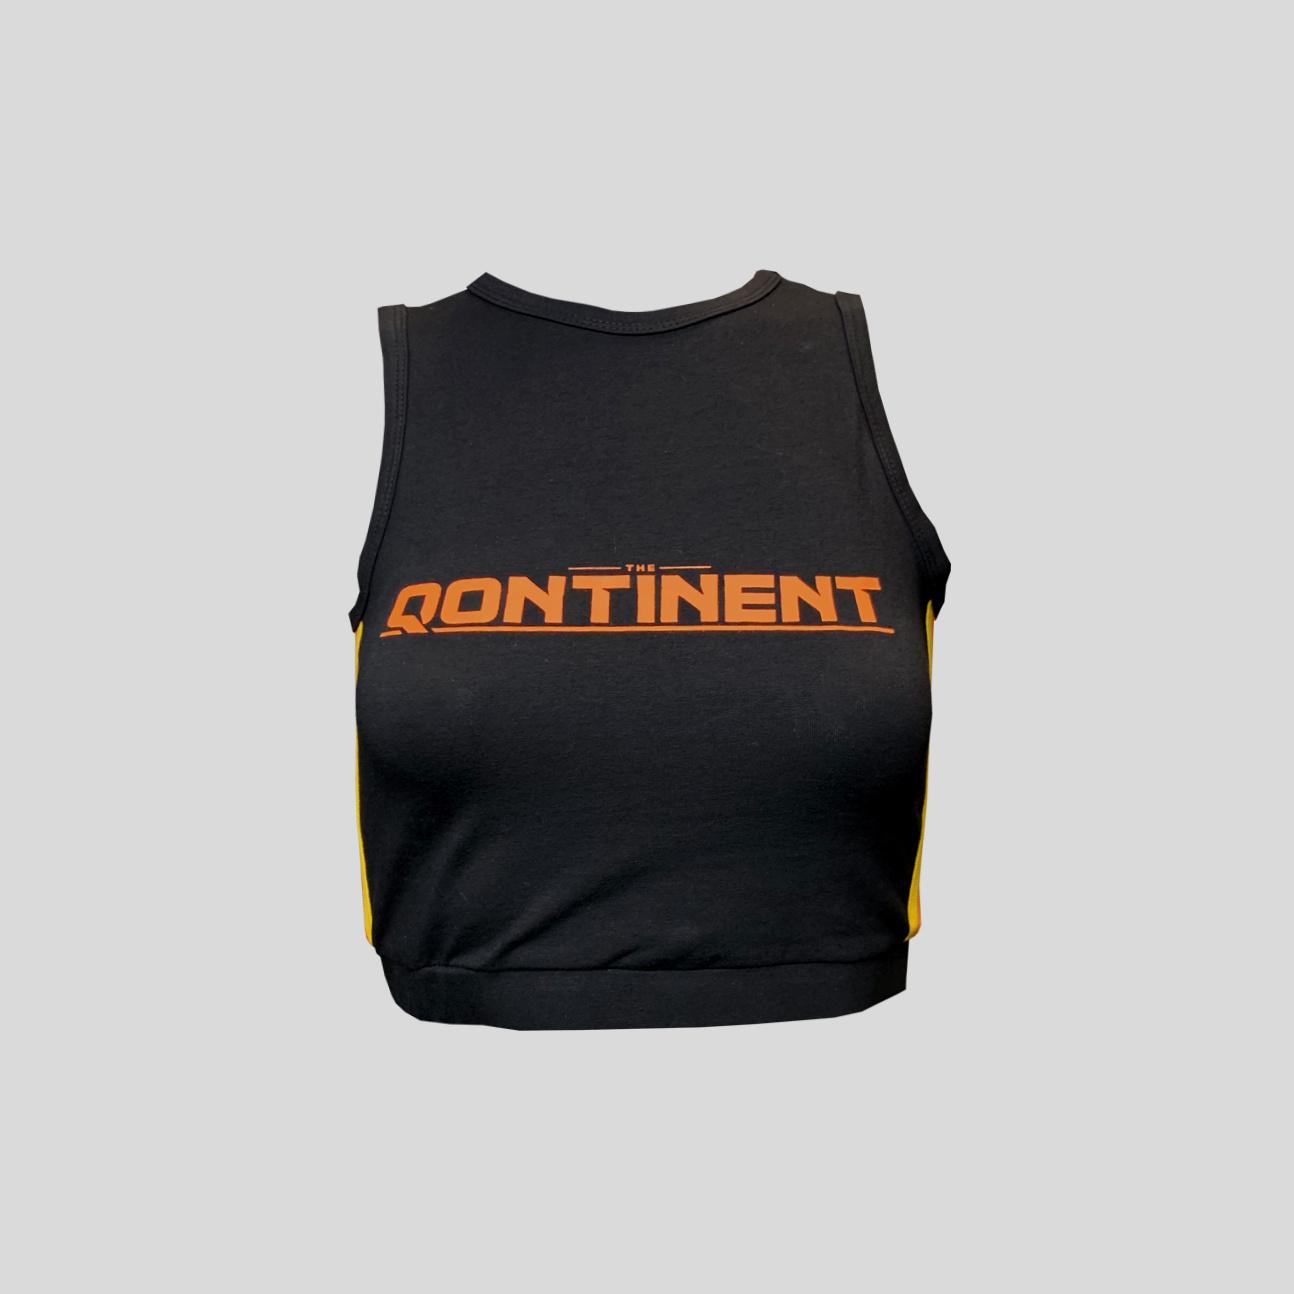 The Qontinent - 2019 Black Crop top